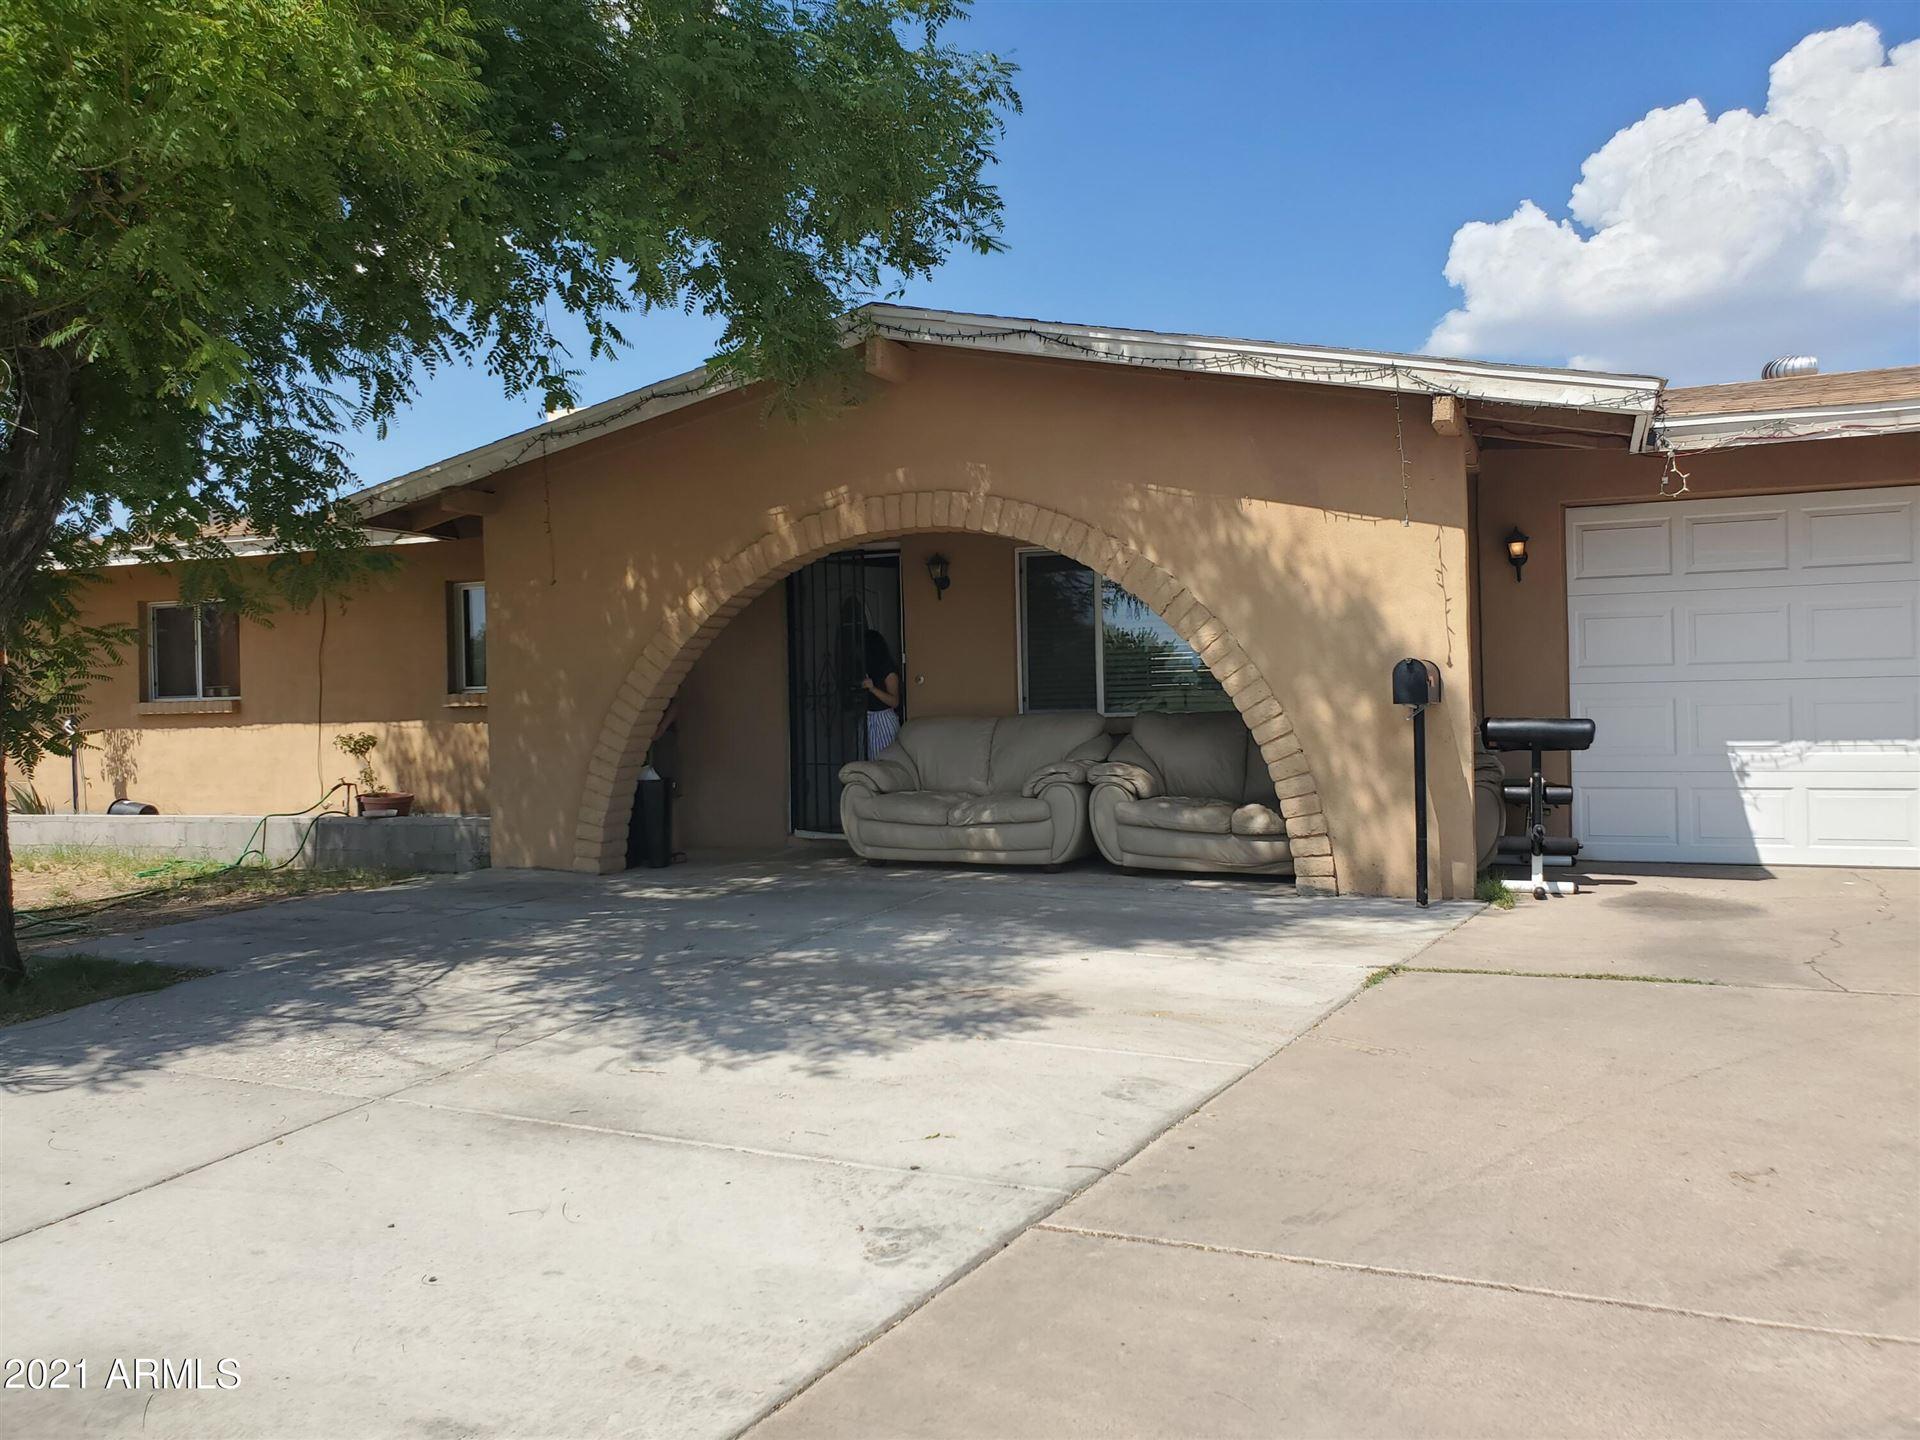 4302 W Encanto Boulevard, Phoenix, AZ 85035 - MLS#: 6296317